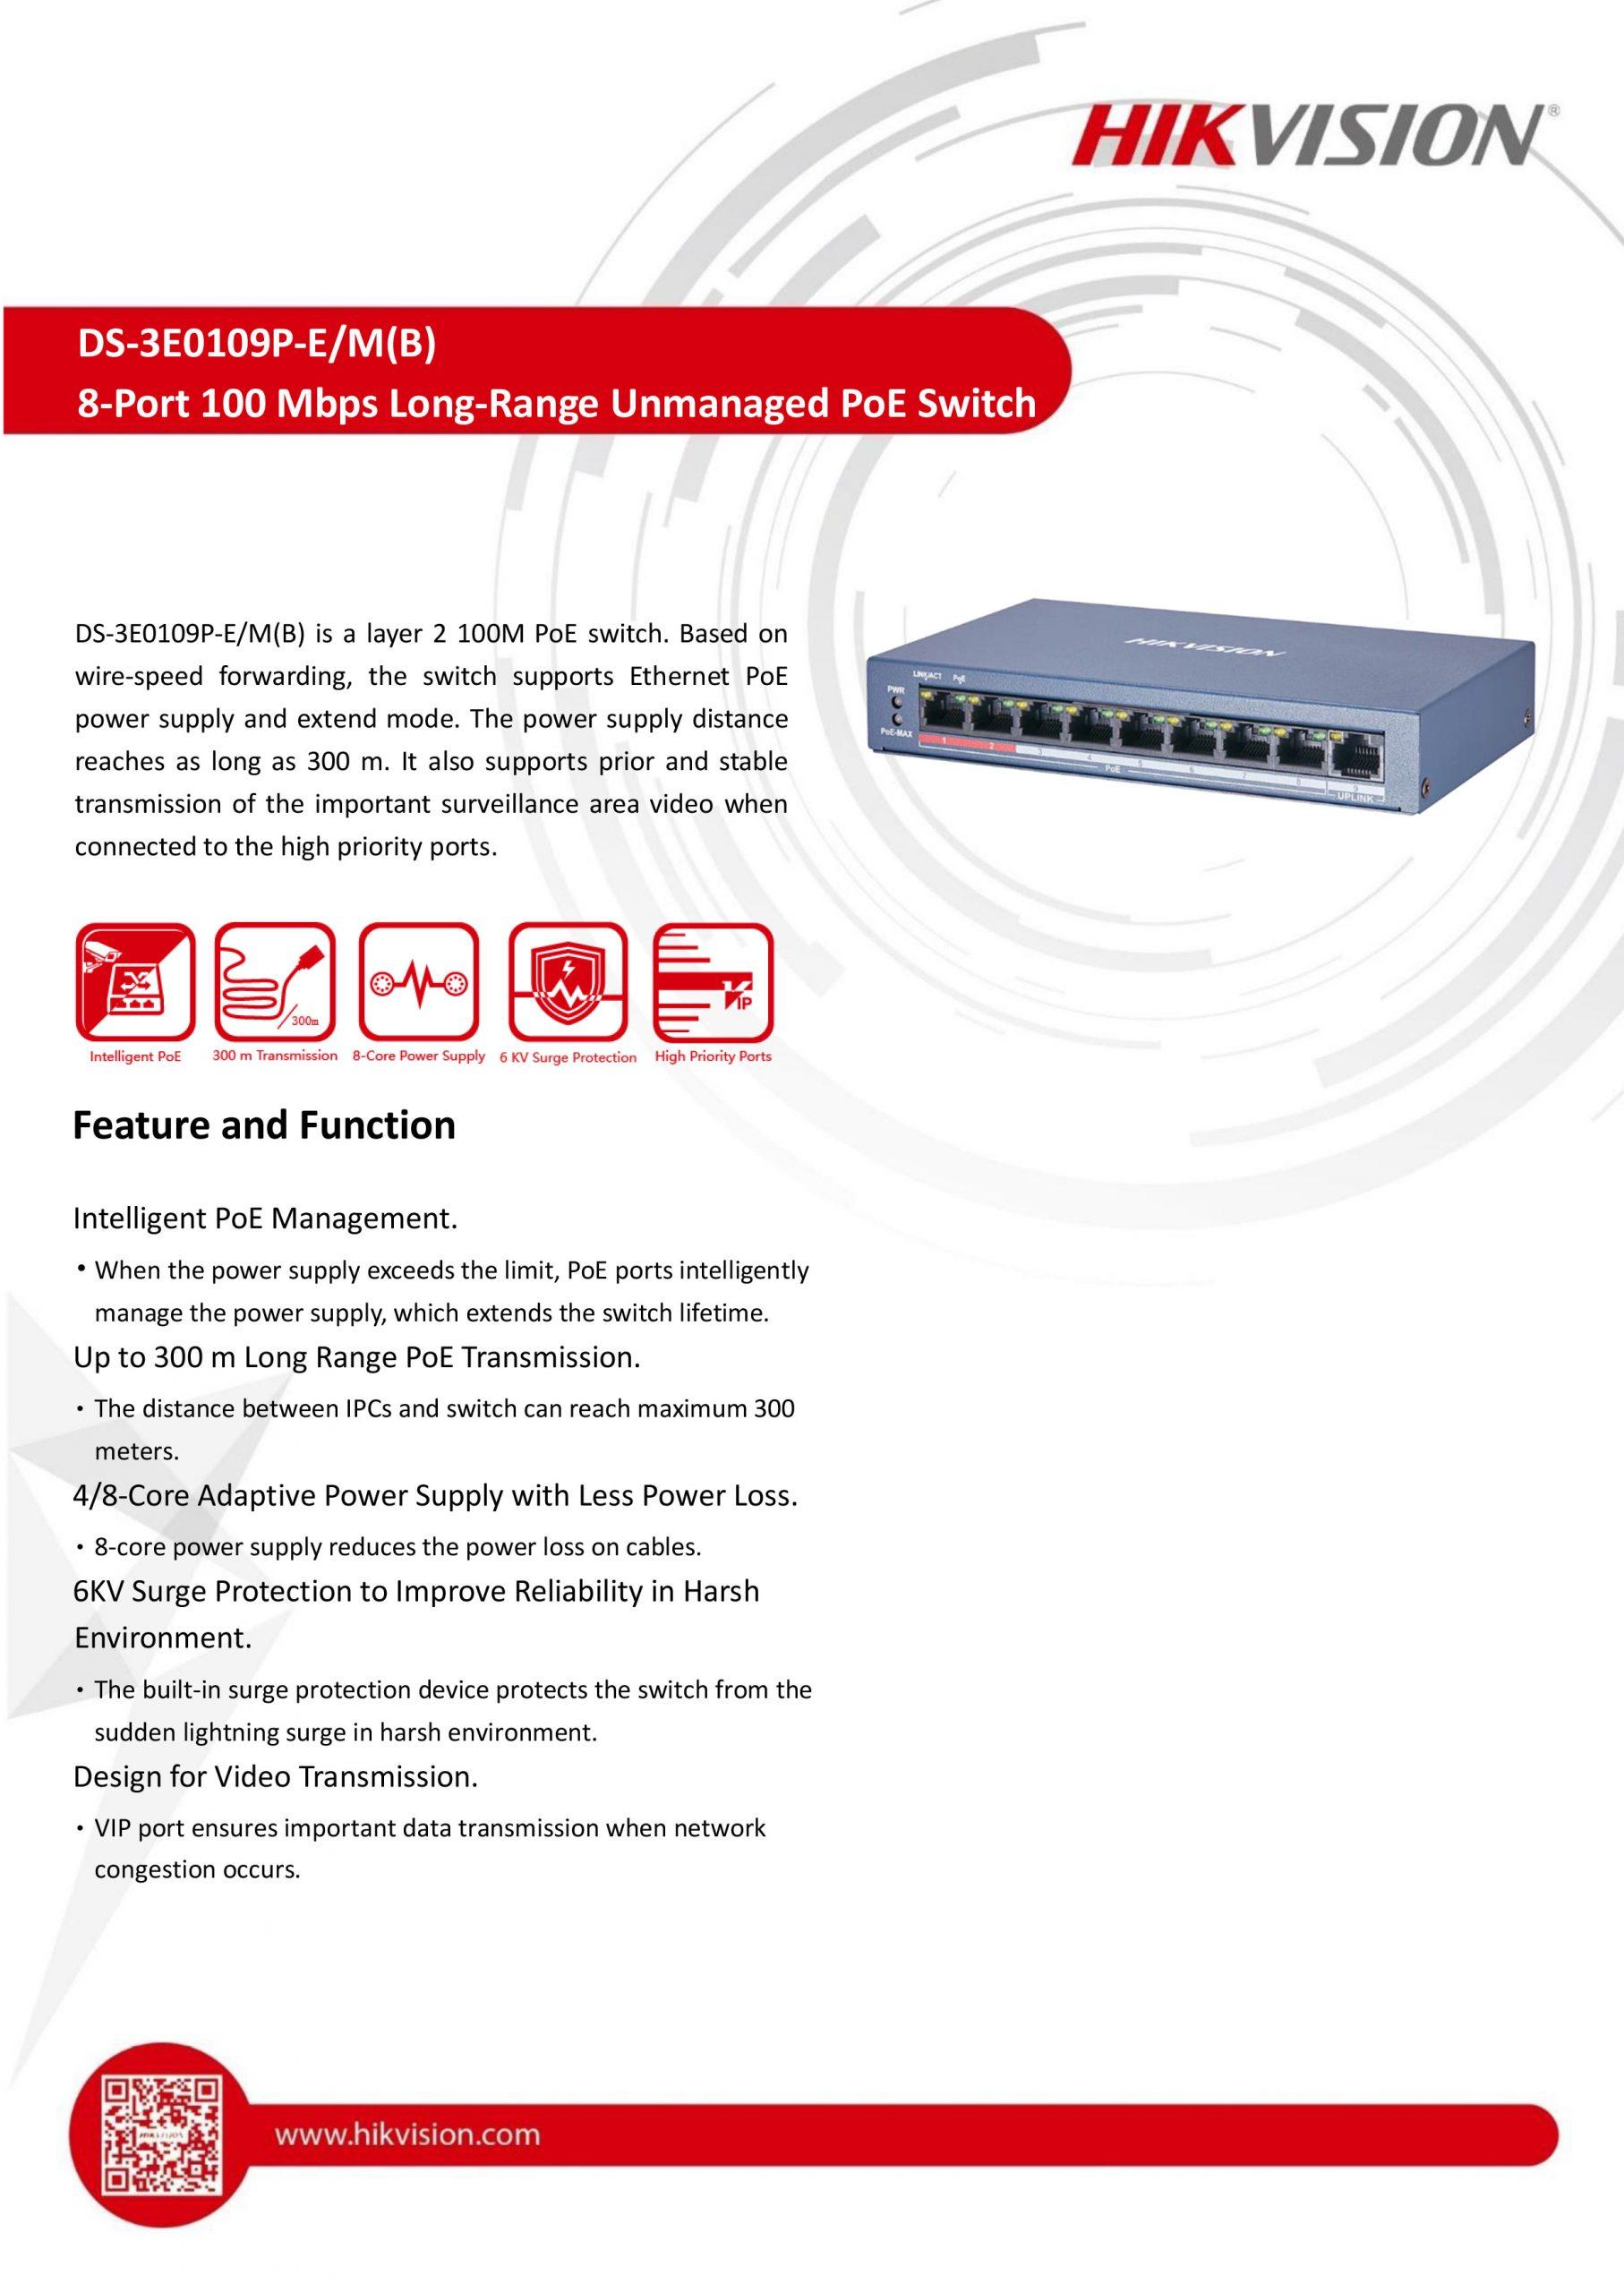 8-Port Long-Range Unmanaged PoE Switch - DS-3E0109P-E/M